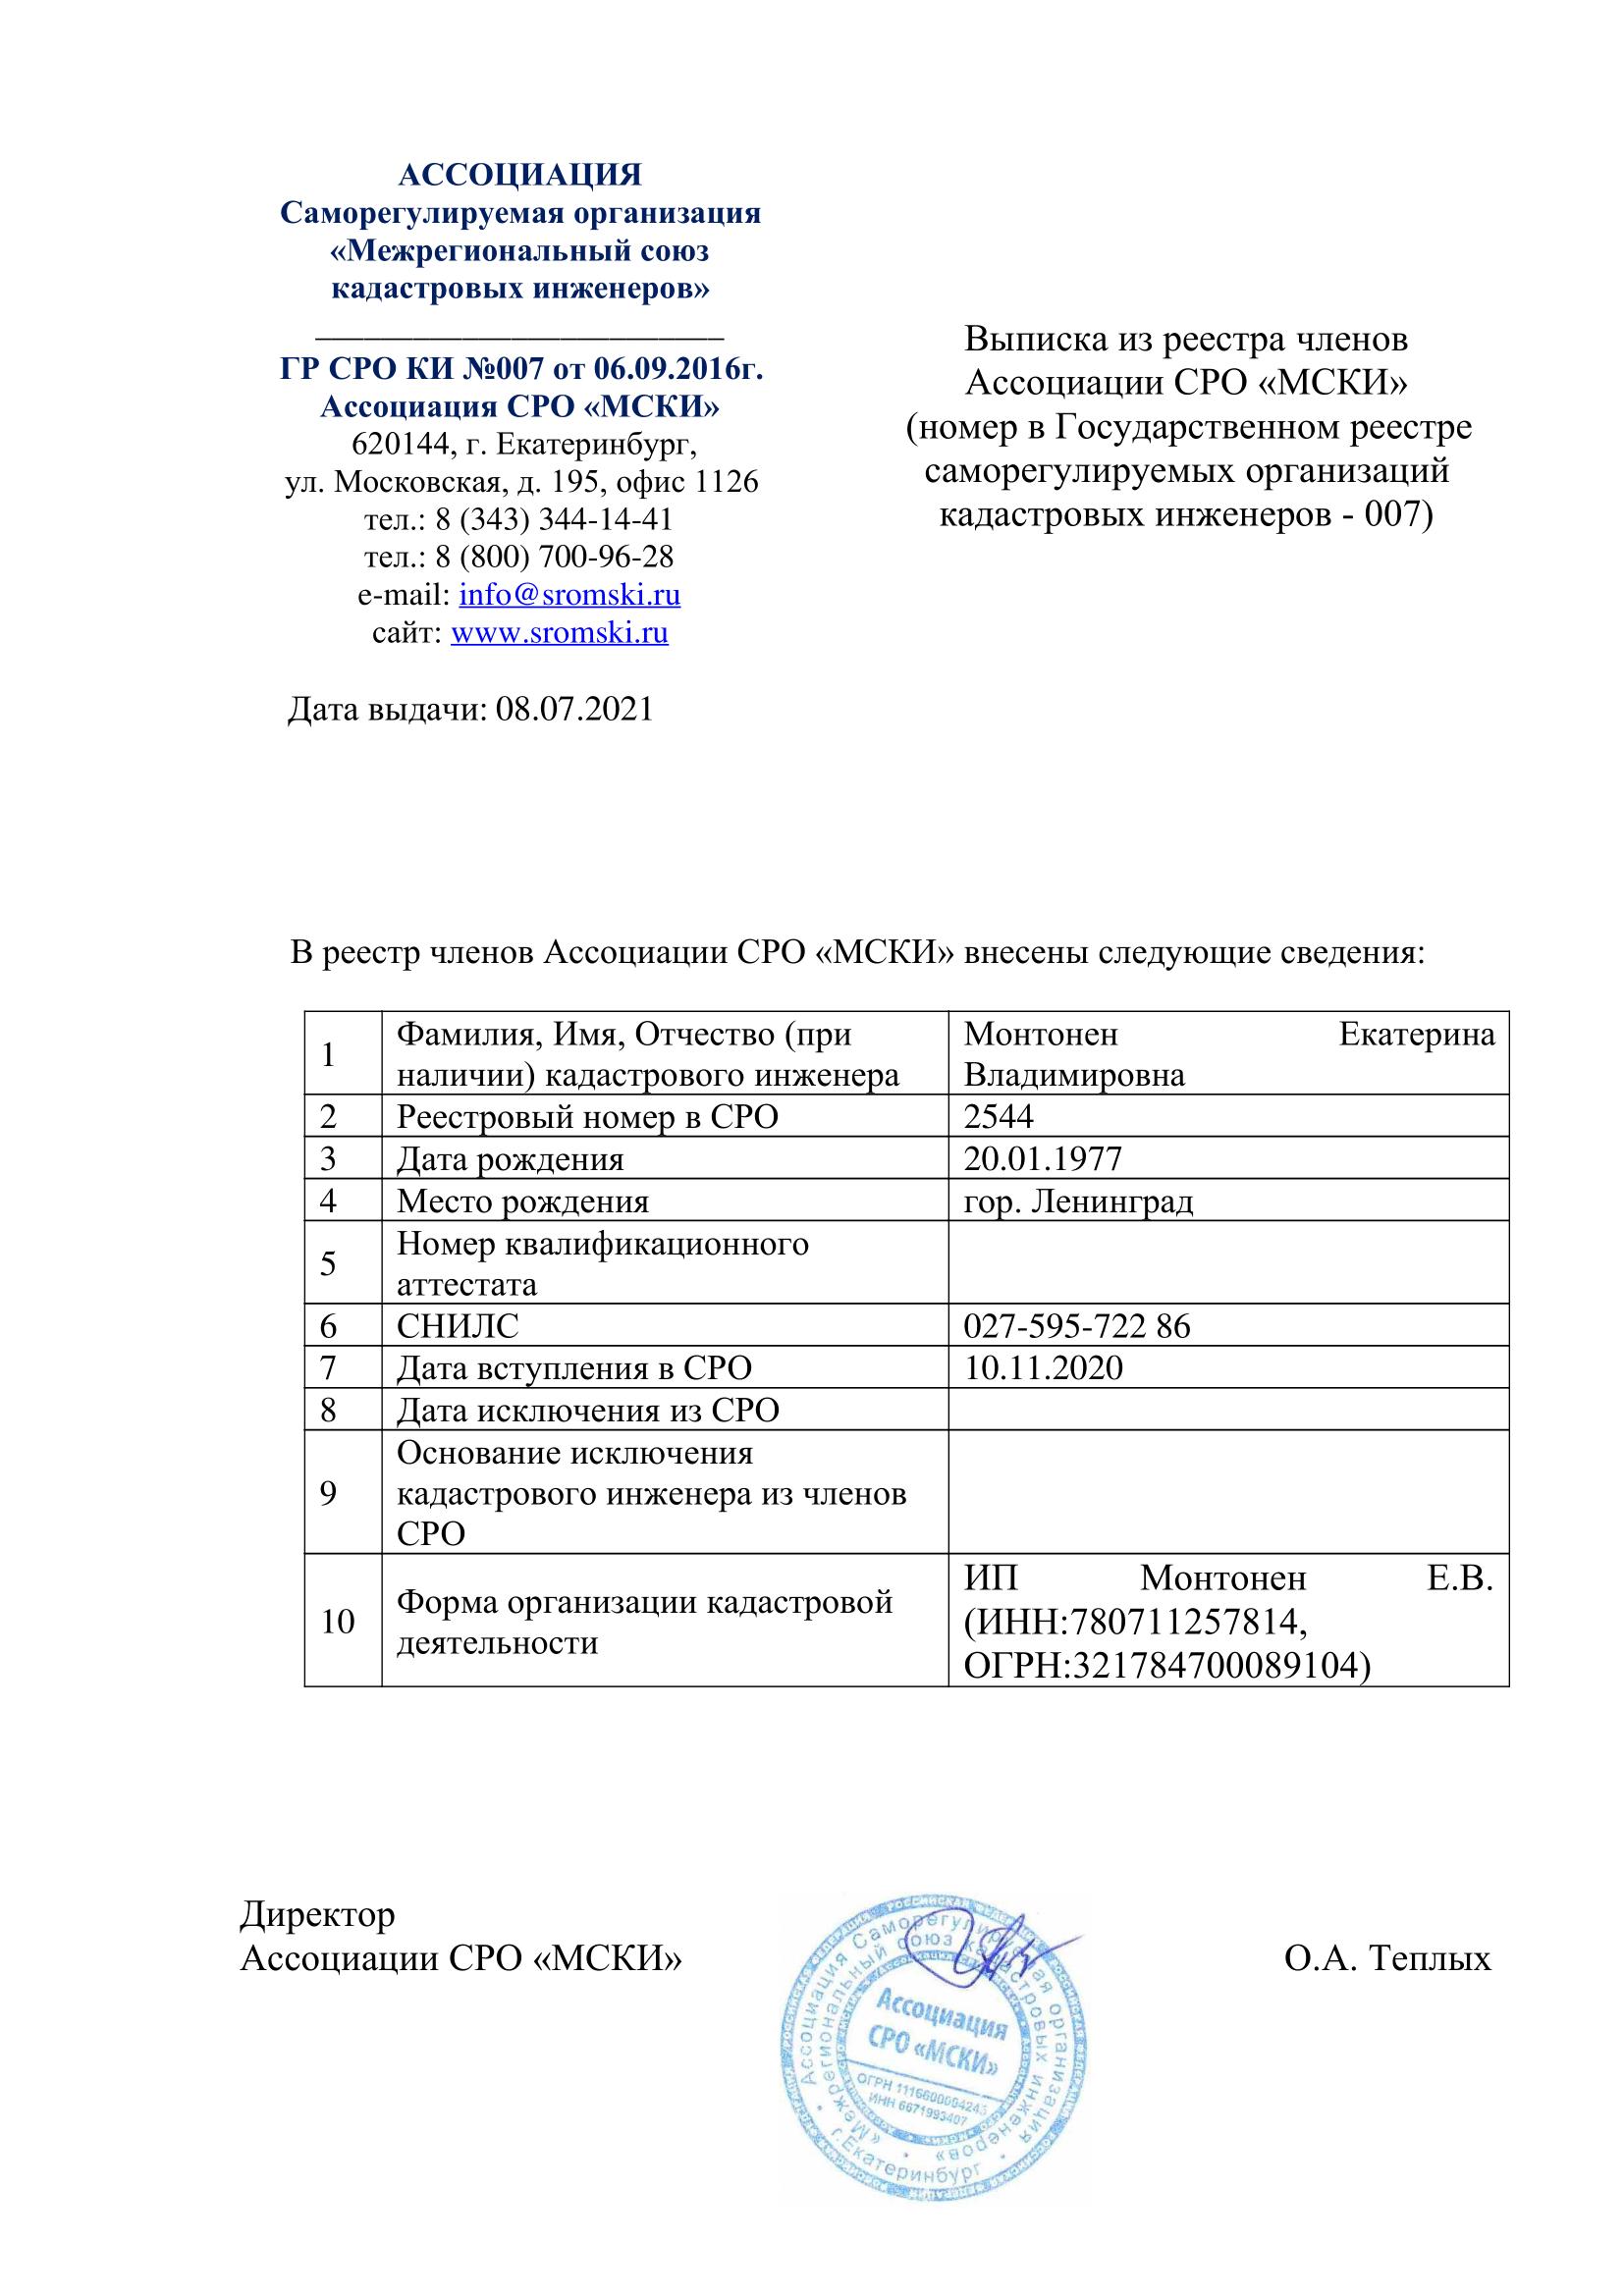 выписка из реестра с формой организации КД-Монтонен Е. В.-20210708_2120-1